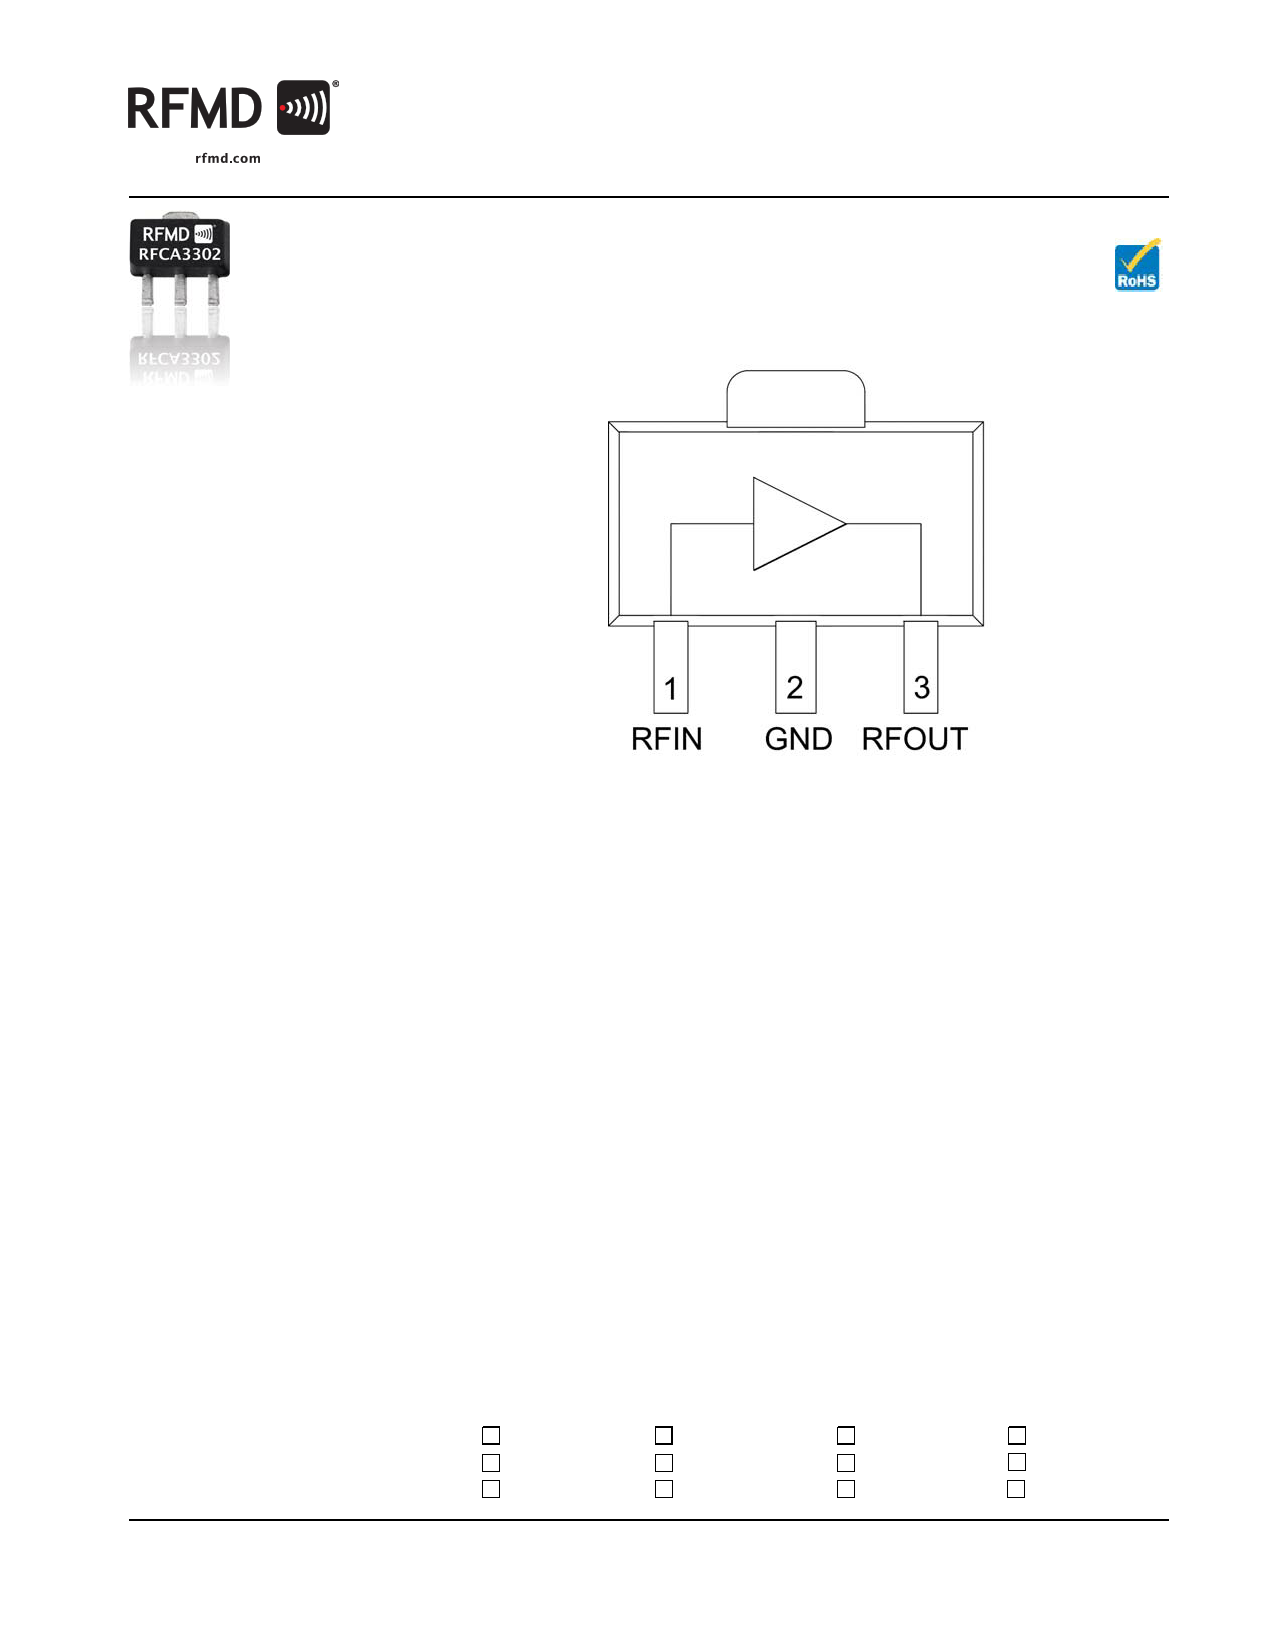 rfca3302 datasheet pdf   pinout